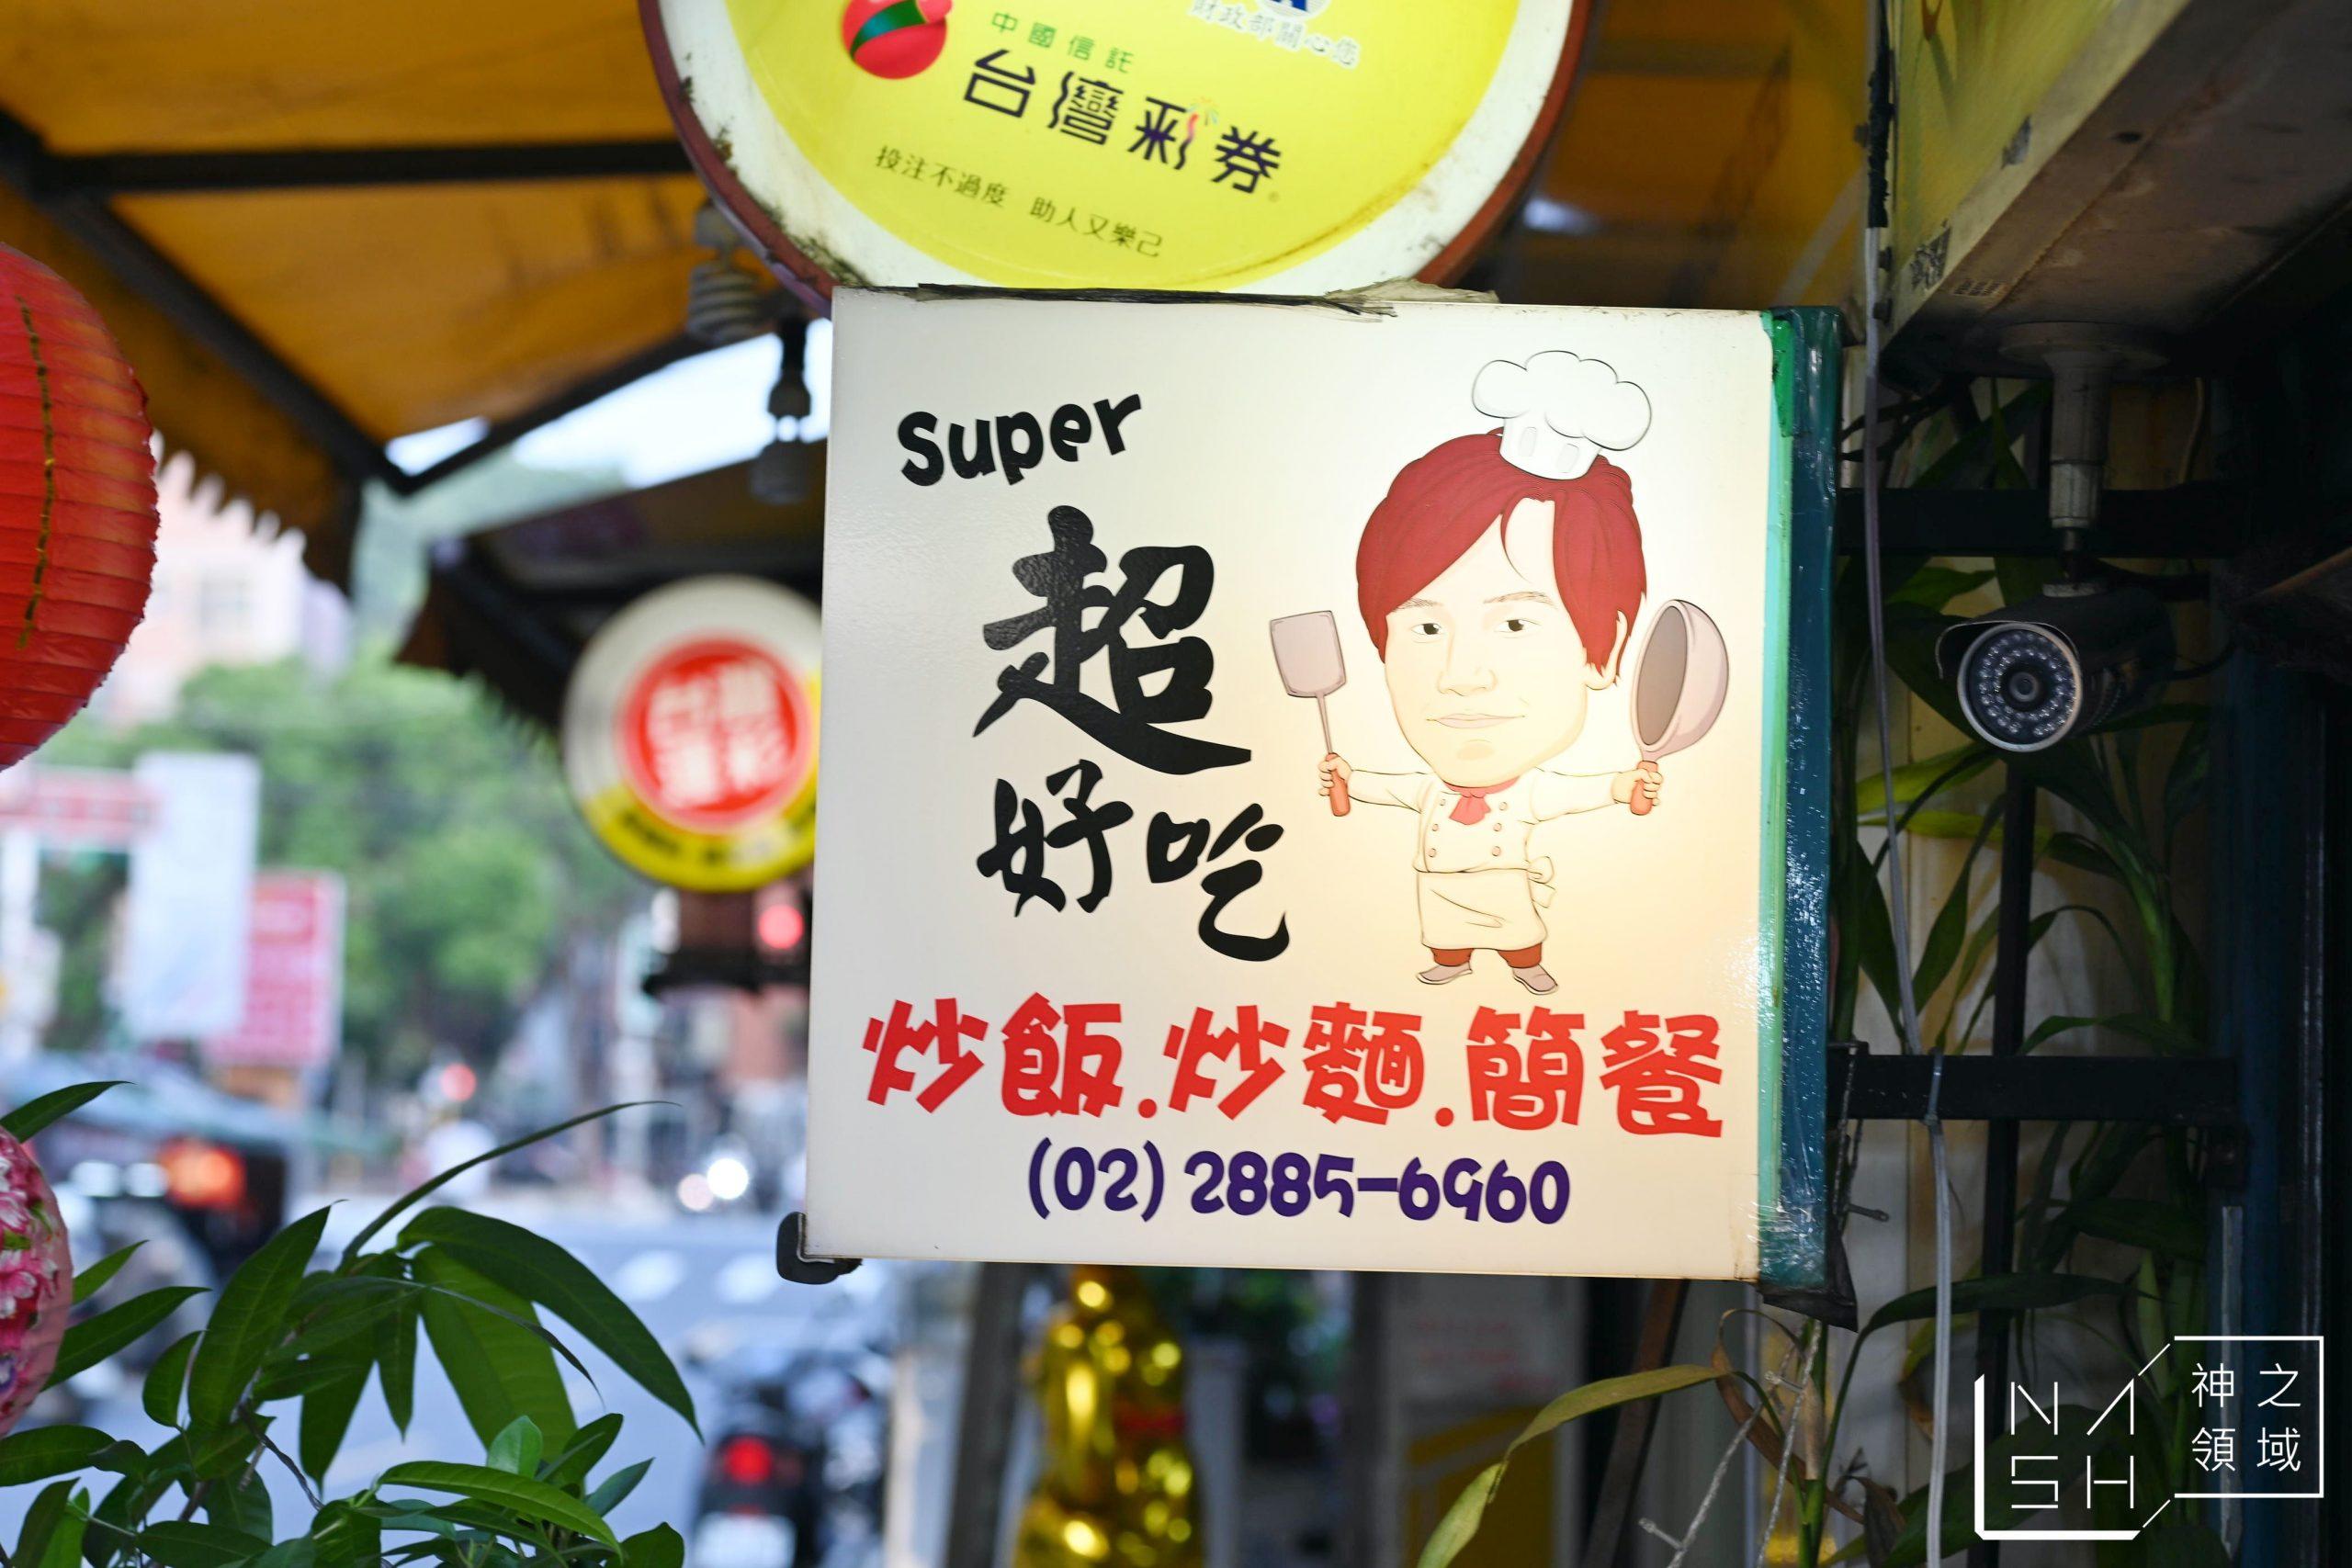 super超好吃炒飯炒麵